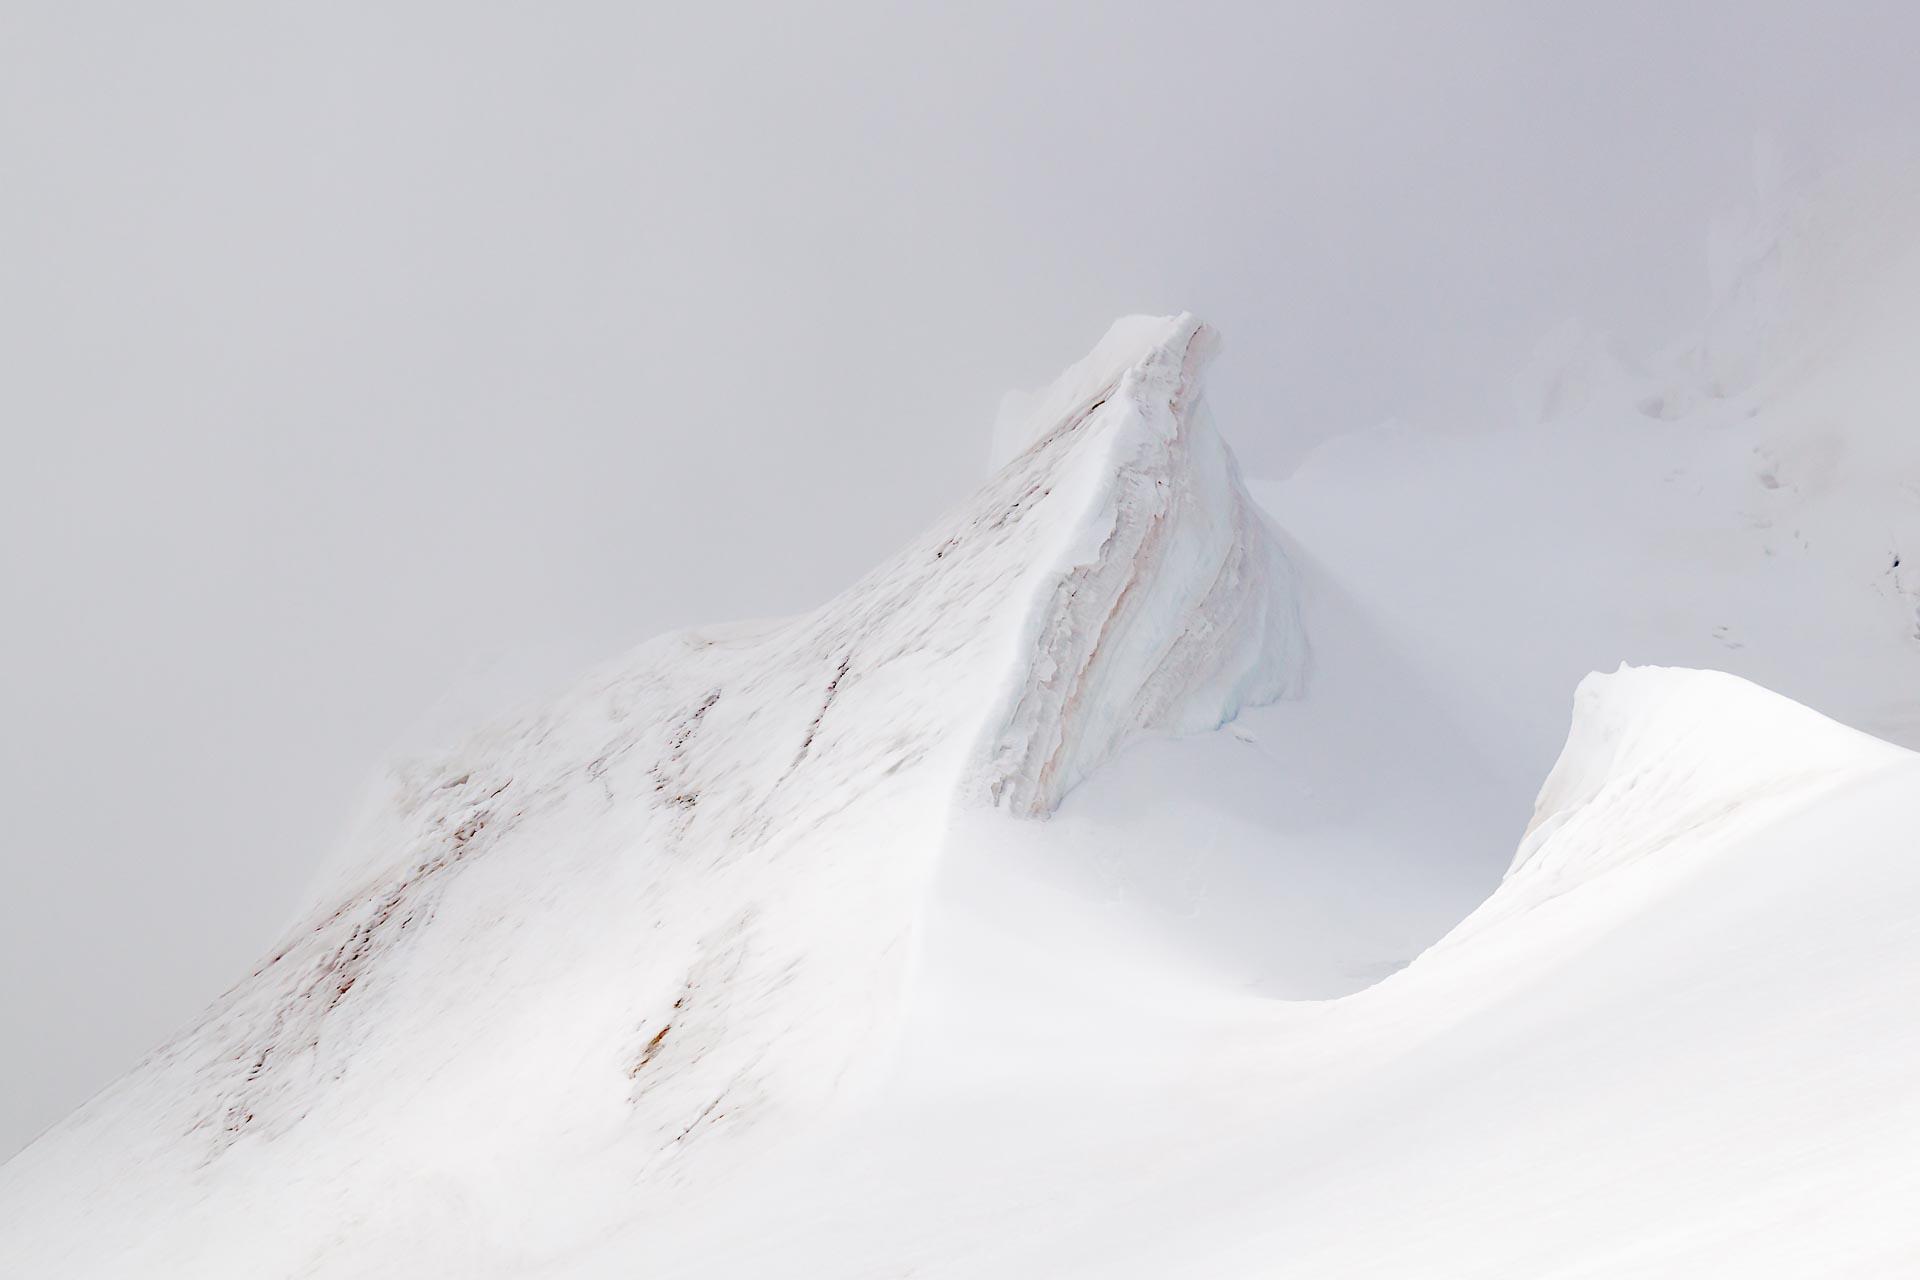 LandschaftsfotografieWalliser Alpen